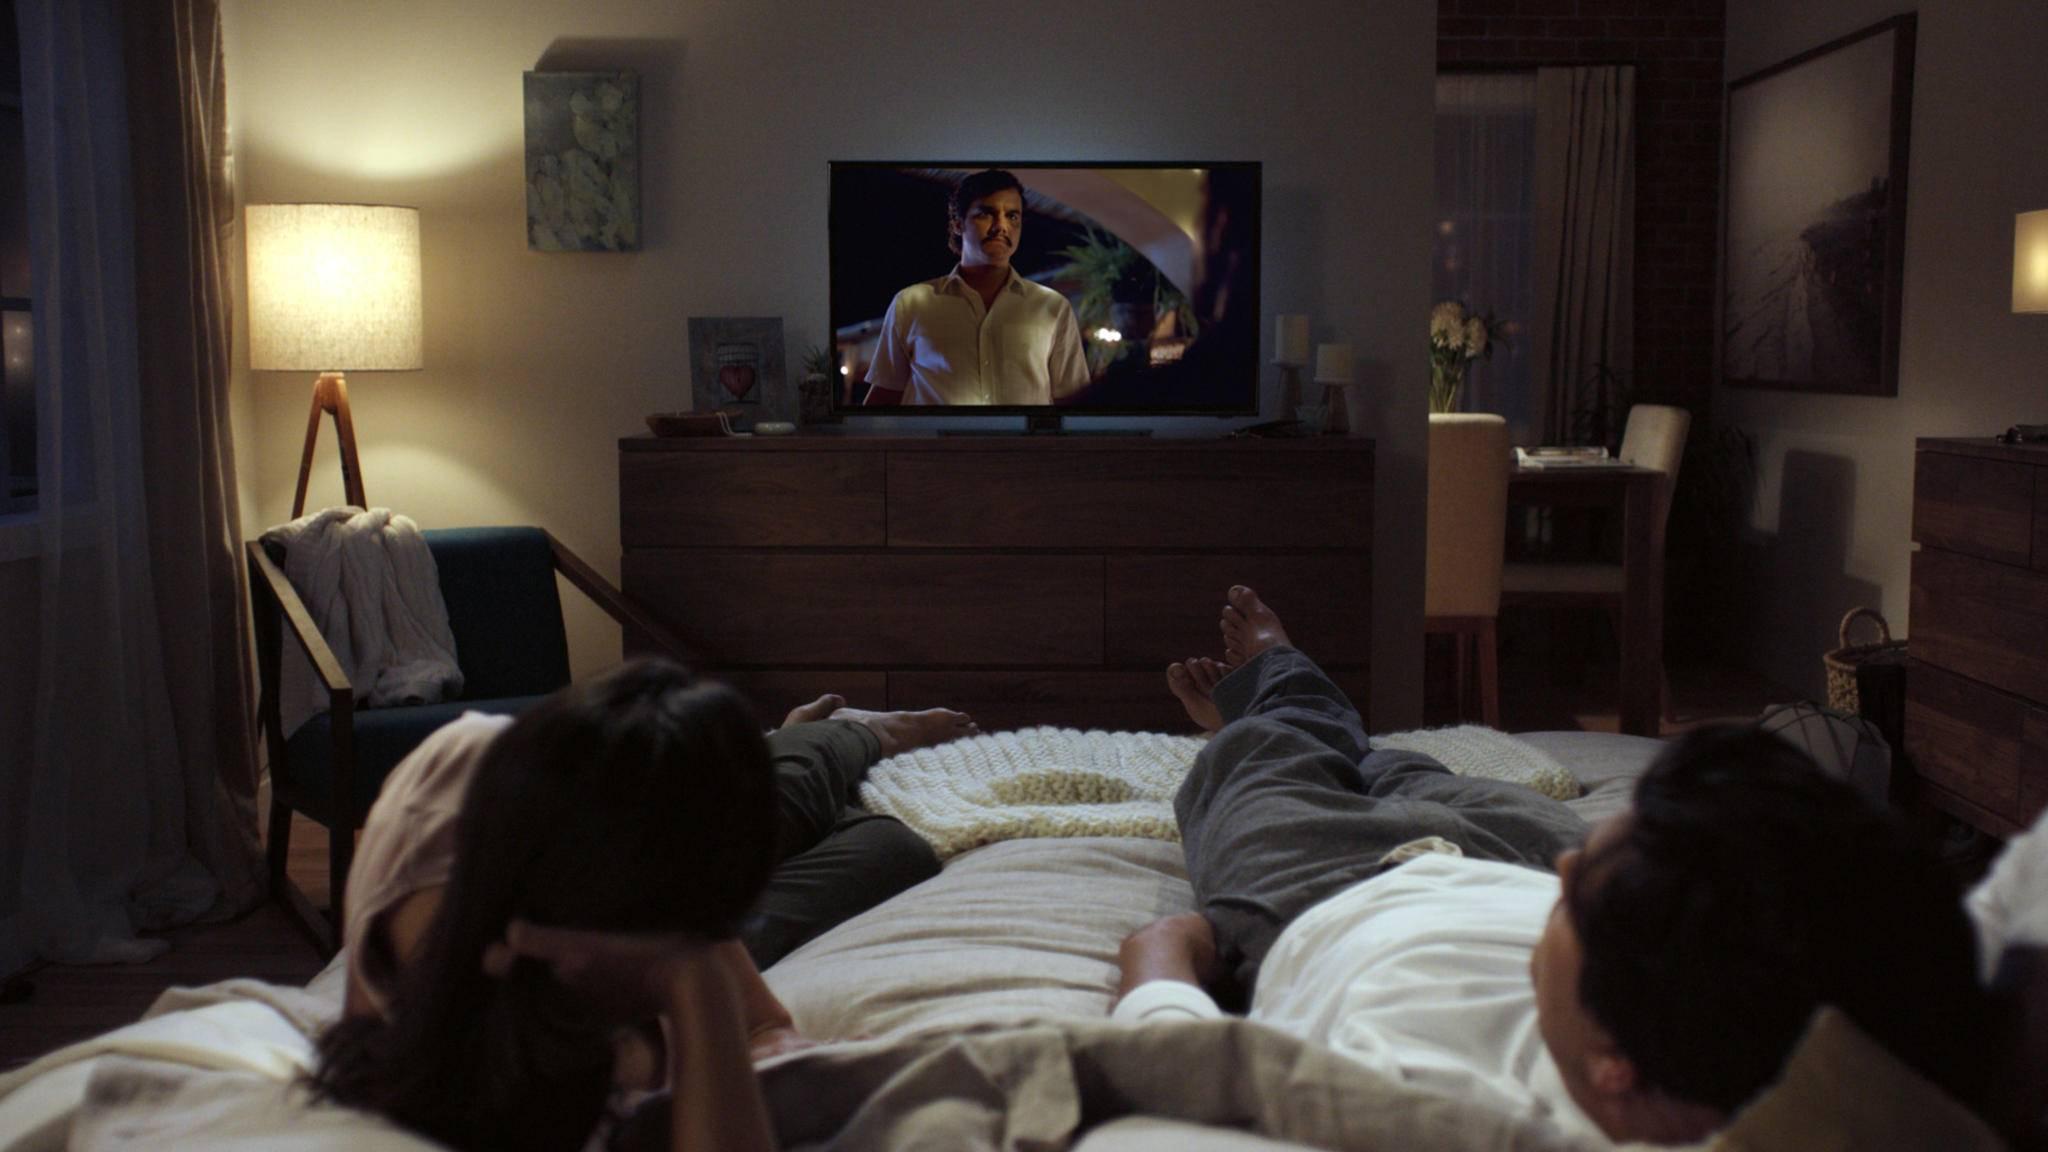 Streamen auf Lebenszeit: ein Angebot, das für viele Netflix-User verlockend sein könnte.